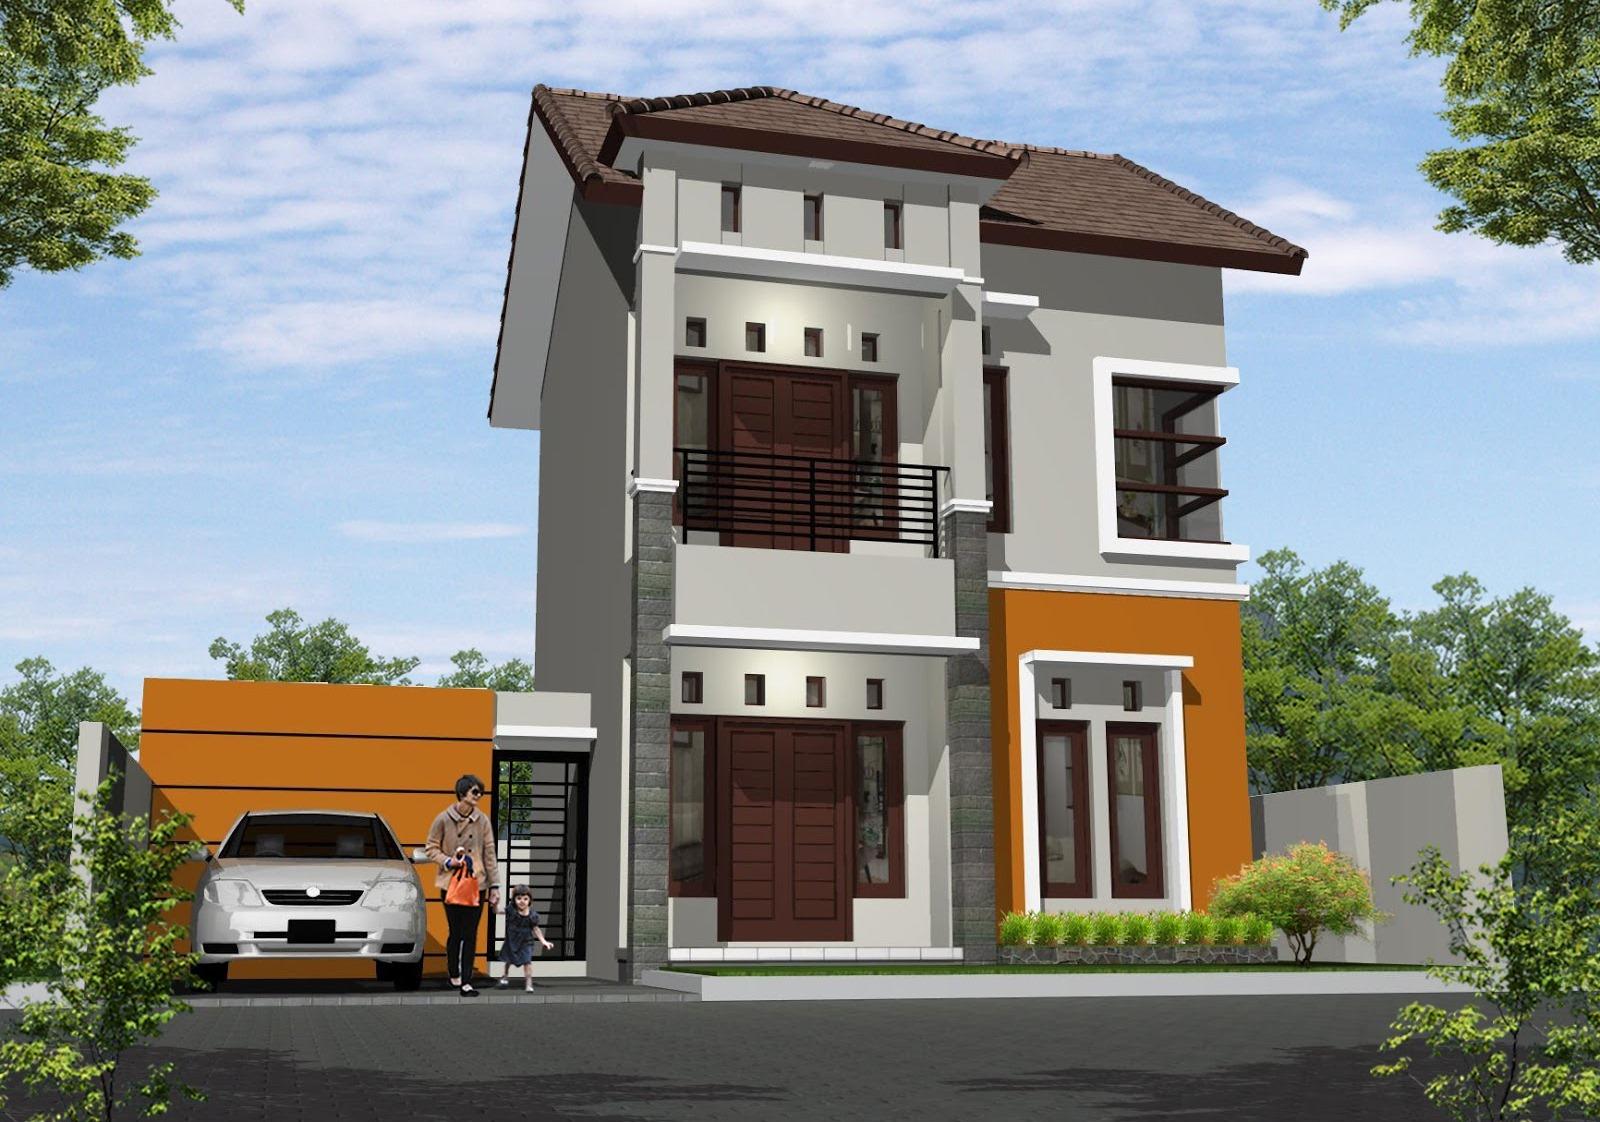 Gambar Rumah Minimalis Sederhana 1 Lantai Model Terbaru ...